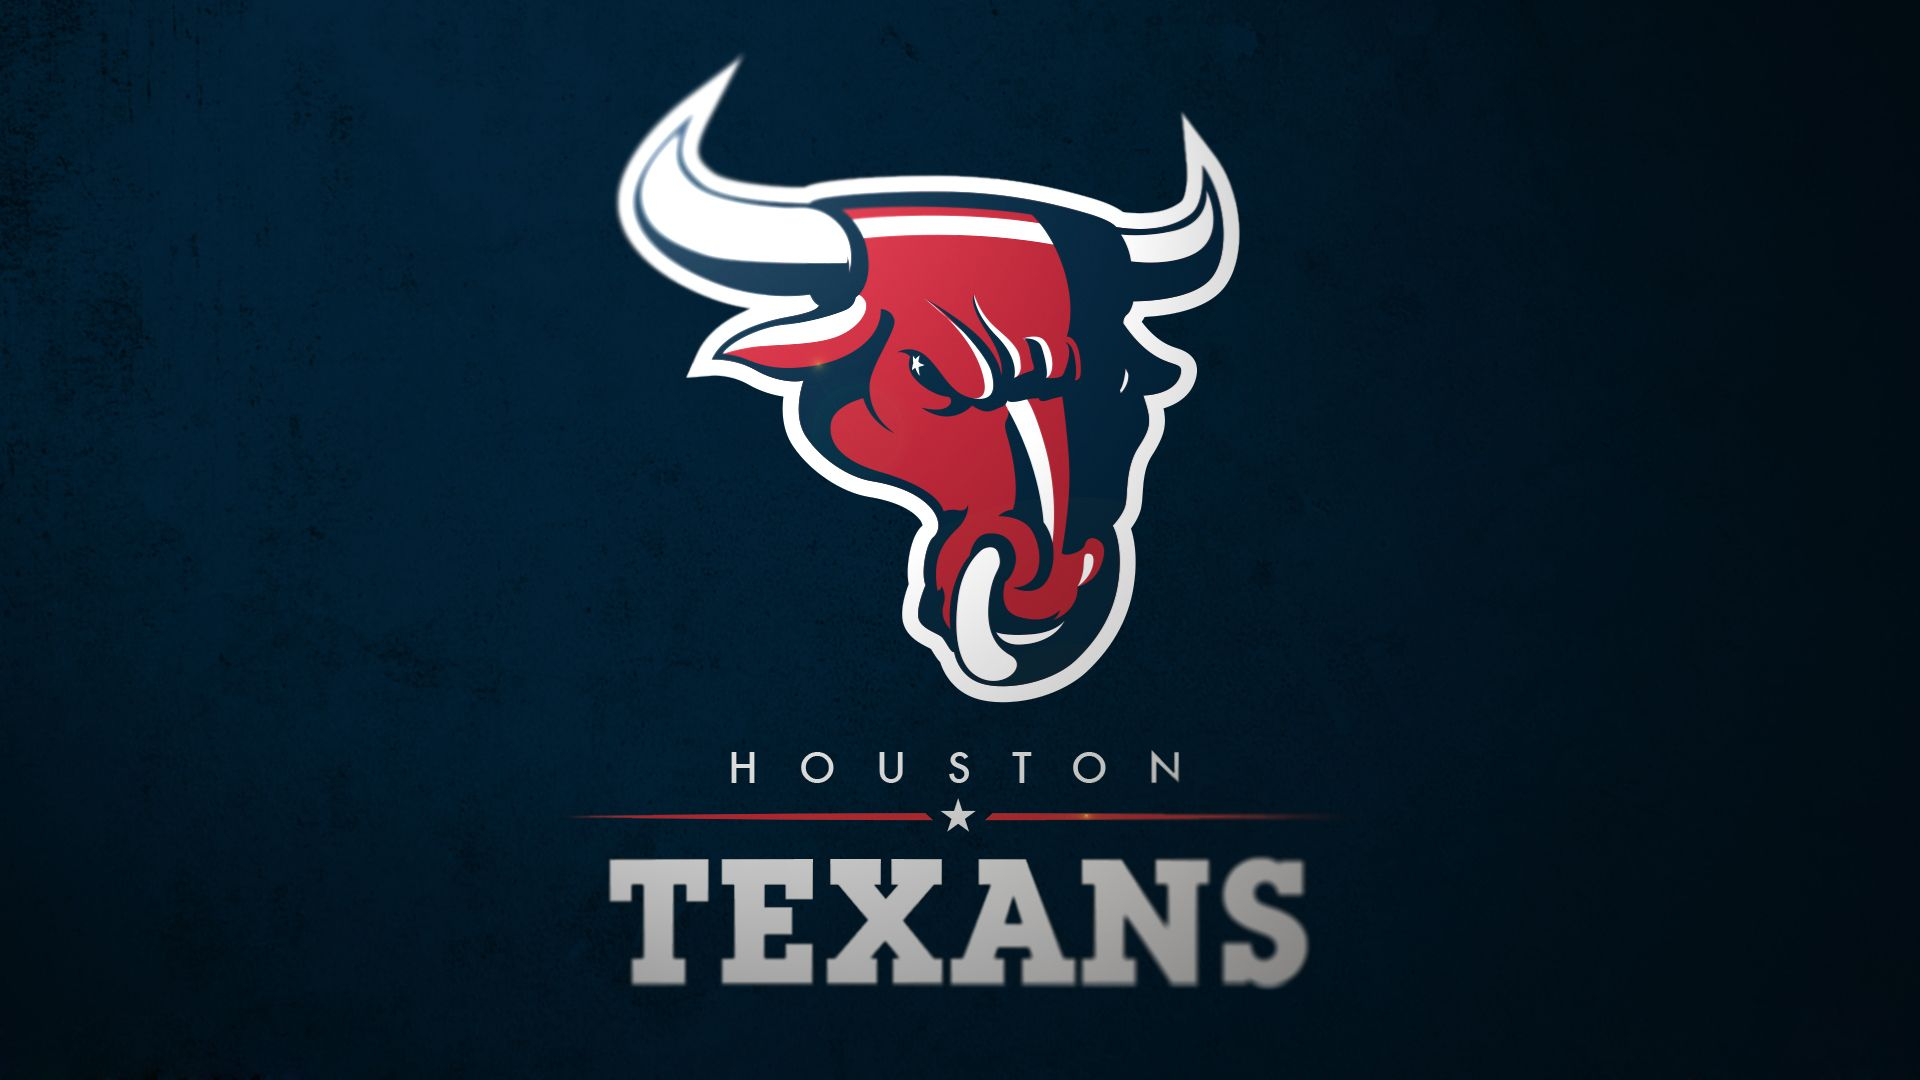 Houston Texans free